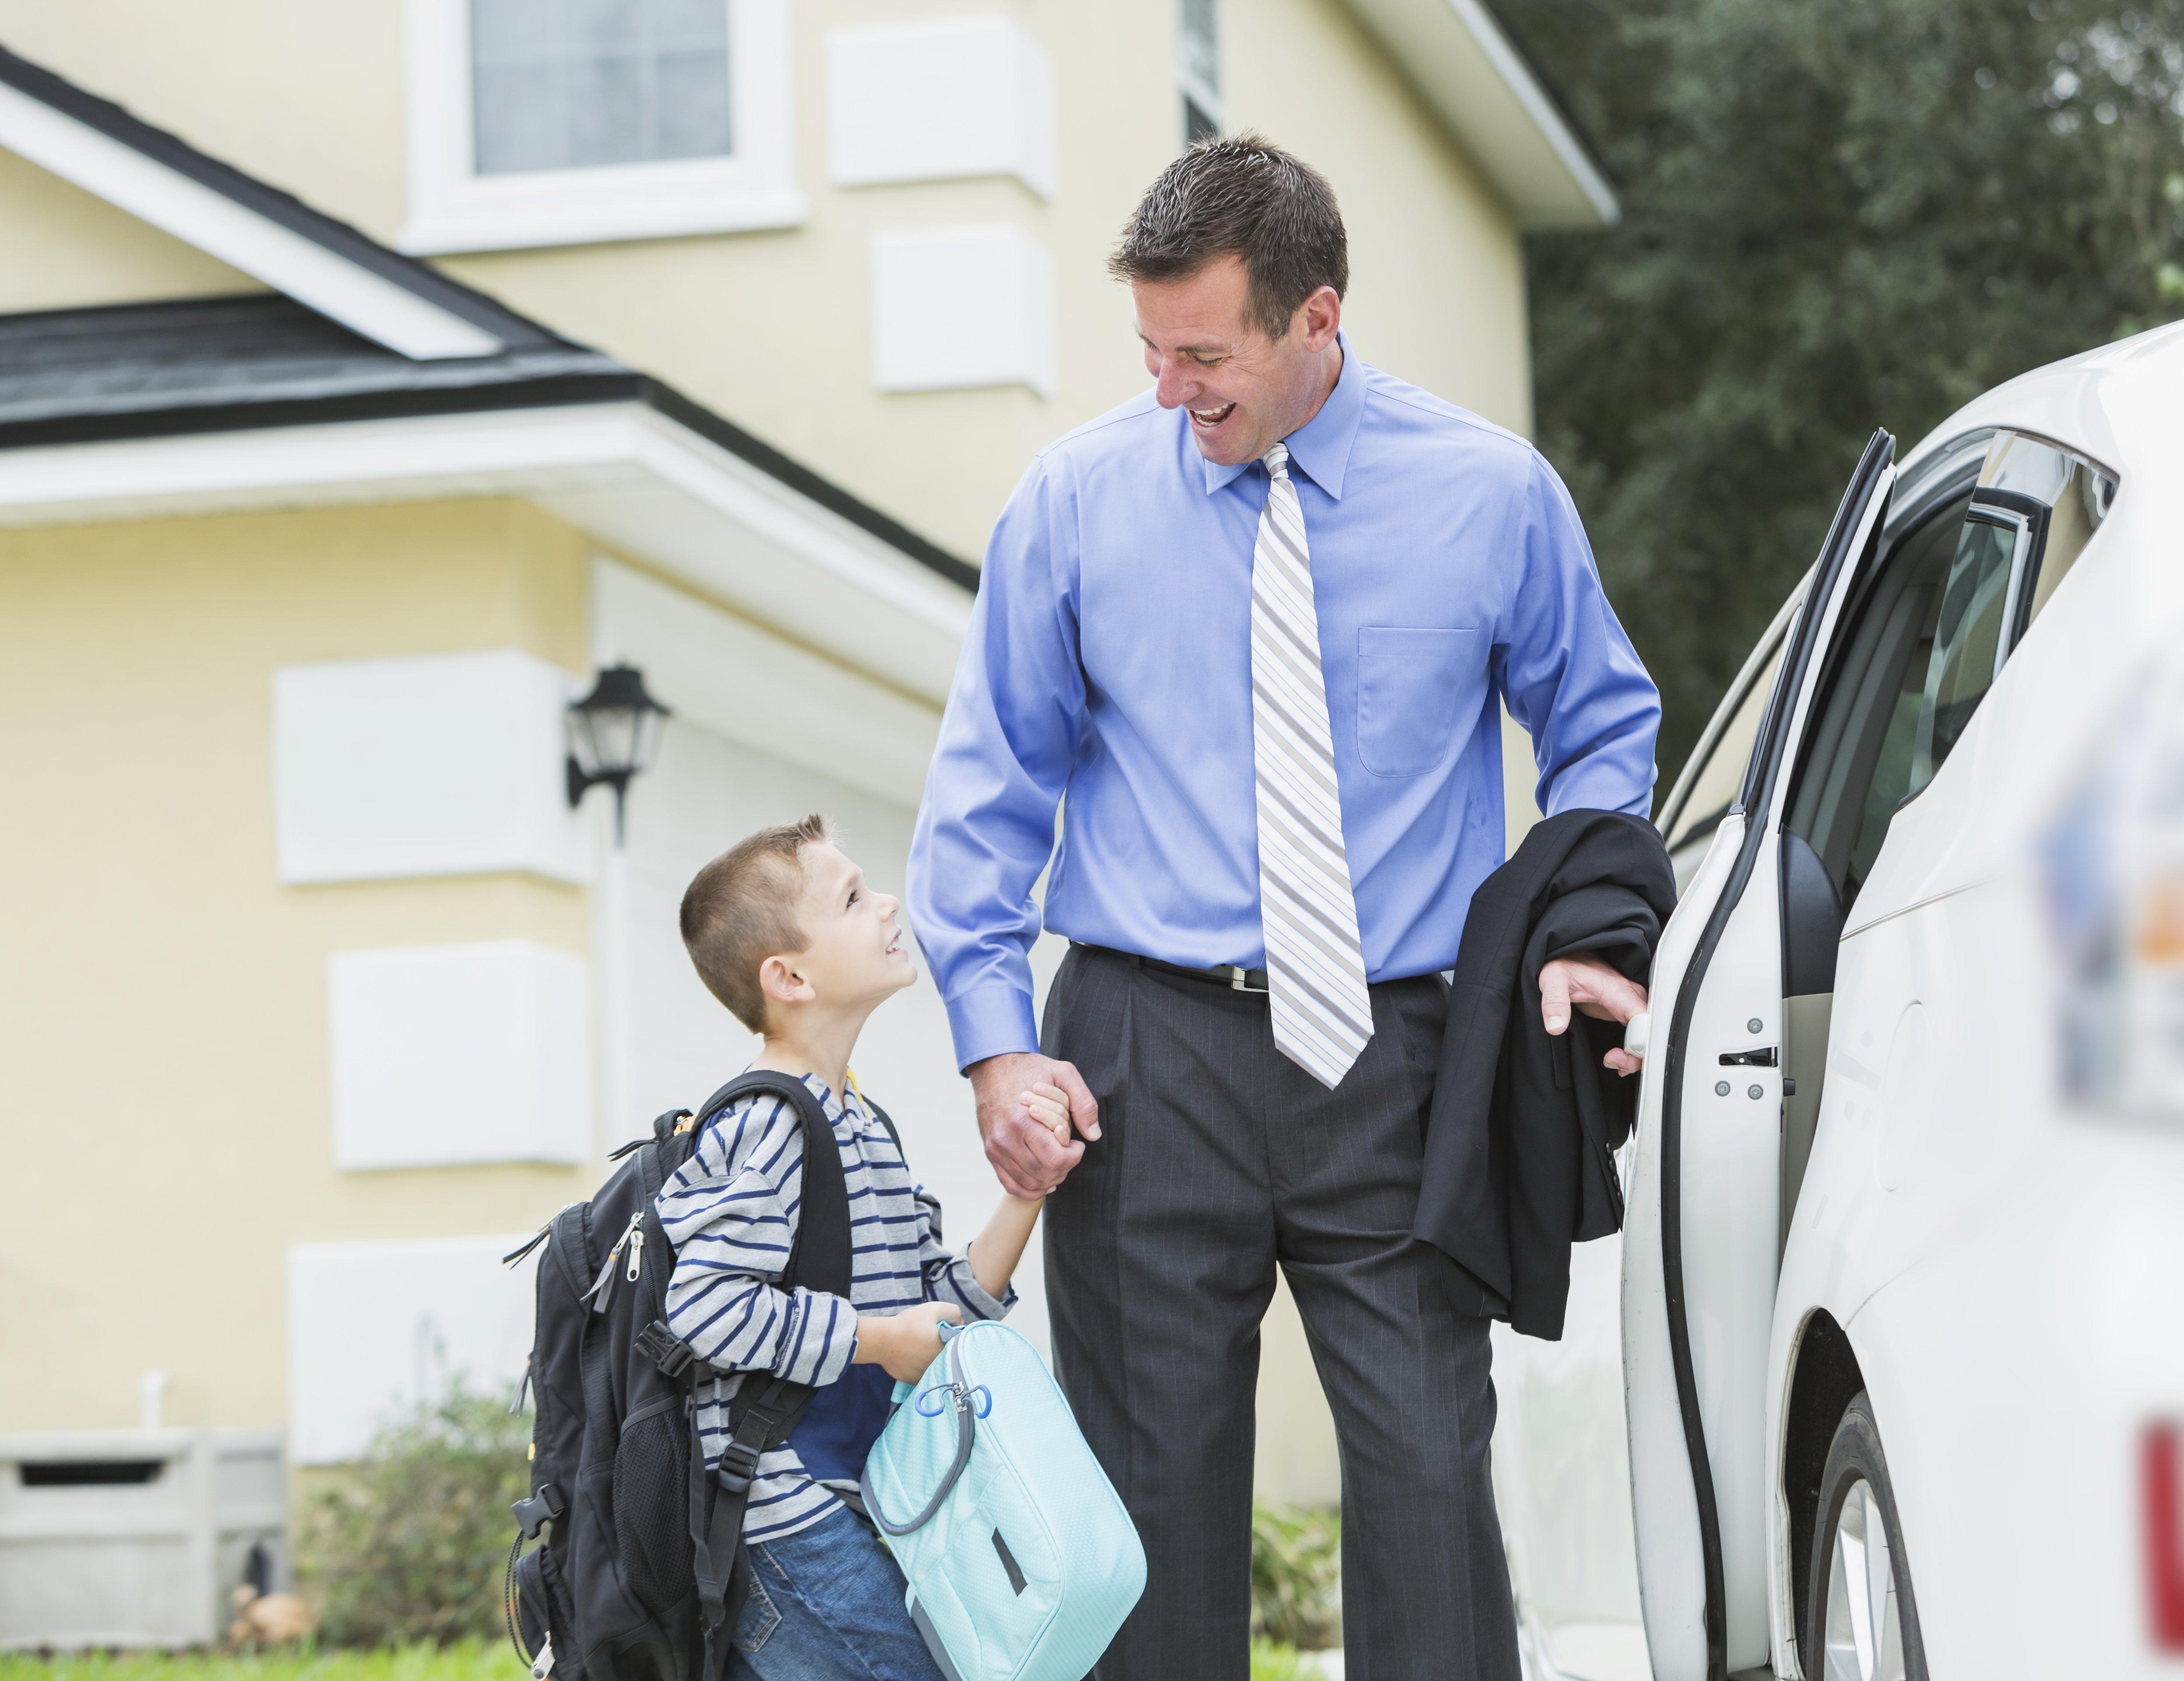 Η διεύθυνση του σχολείου στέλνει επιστολή για απουσίες σε μαθητή. Ο πατέρας την επιστρέφει...